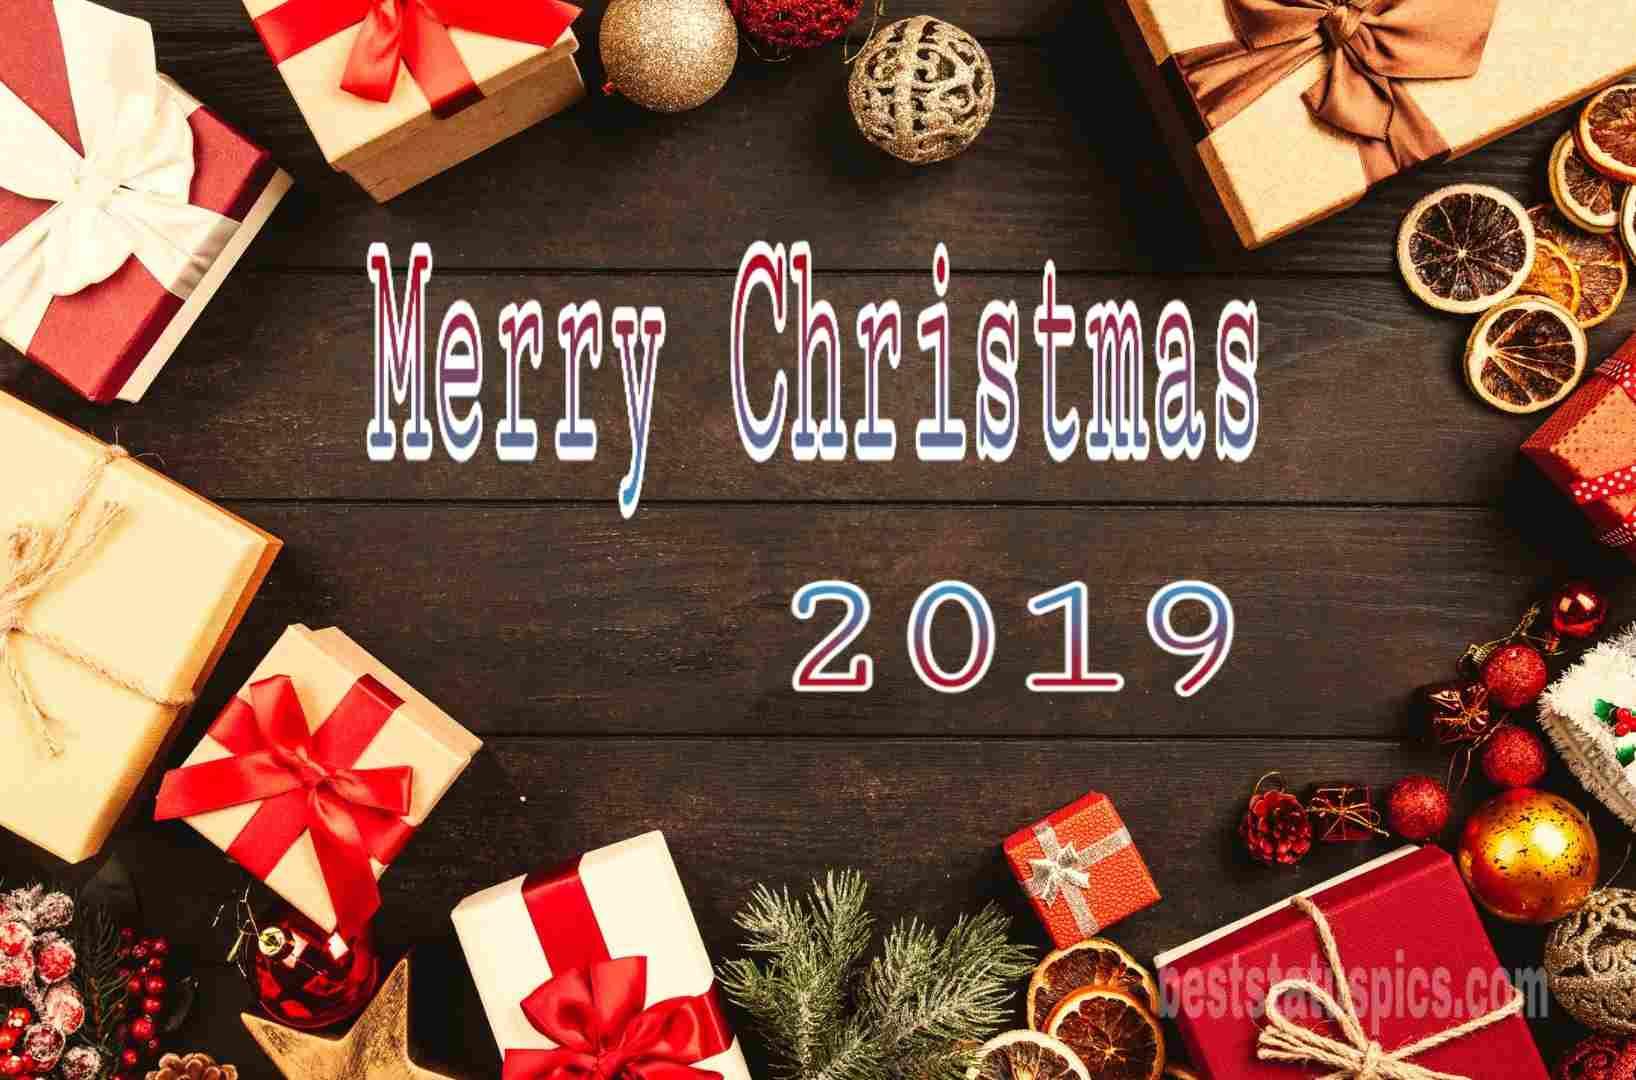 Merry Christmas wishes 2019 Telegram Story